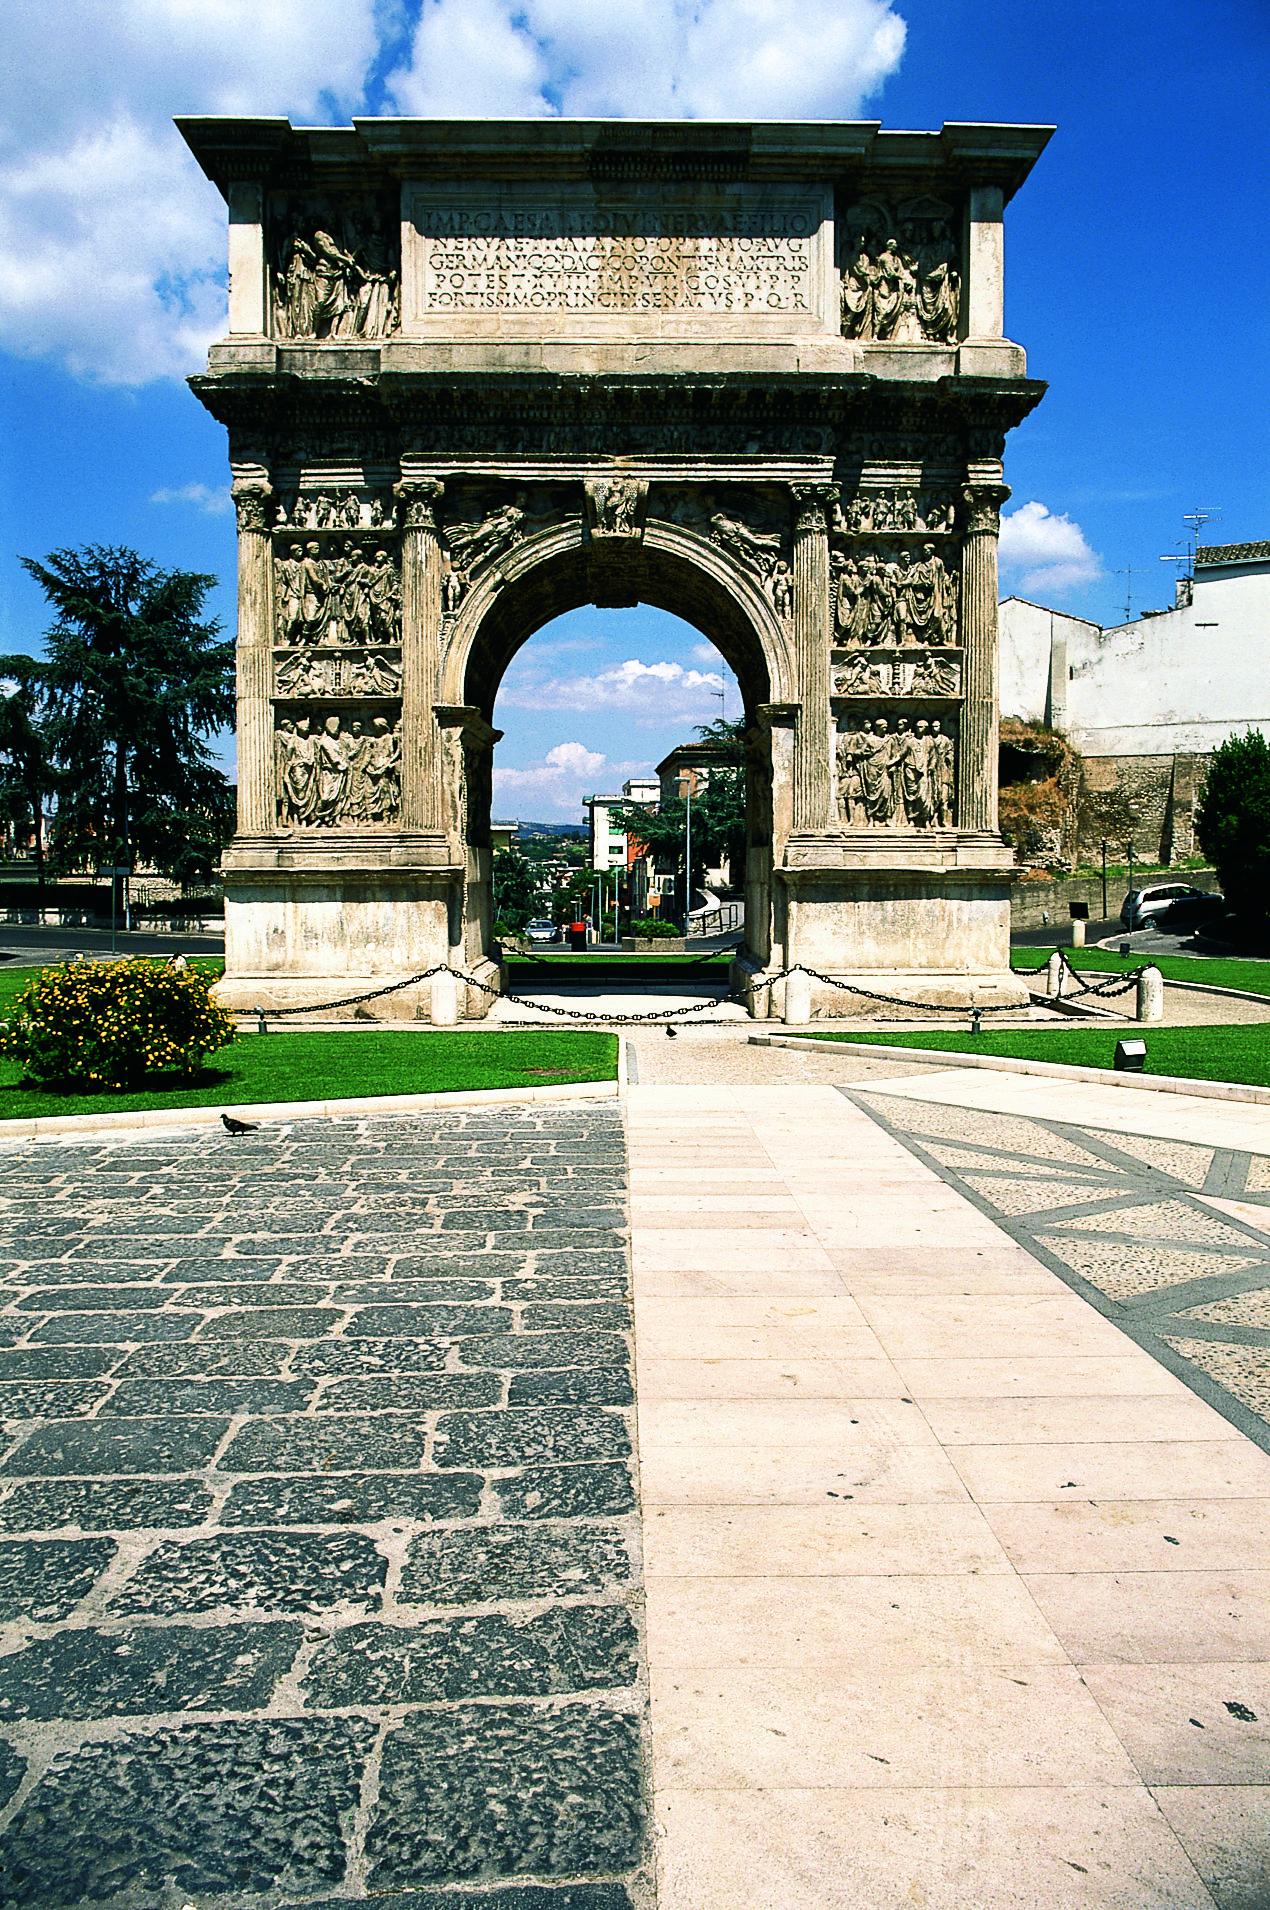 Benevento ist ein Schnittpunkt von Antike und Moderne, Tradition und Fortschritt. Auf den Straßen des Ortes begegnet man zahlreichen Symbolen antiker Kulturen. Der Trajansbogen, einer der besterhaltenen römischen Triumphbögen mit herrlichen Reliefs auf beiden Seiten, das Römische Theater und der Ponte Leproso, unter dem der Fluss Sabato hindurch fließt, sind Bauwerke aus dem römischen Benevento, die dem Zahn der Zeit getrotzt haben.